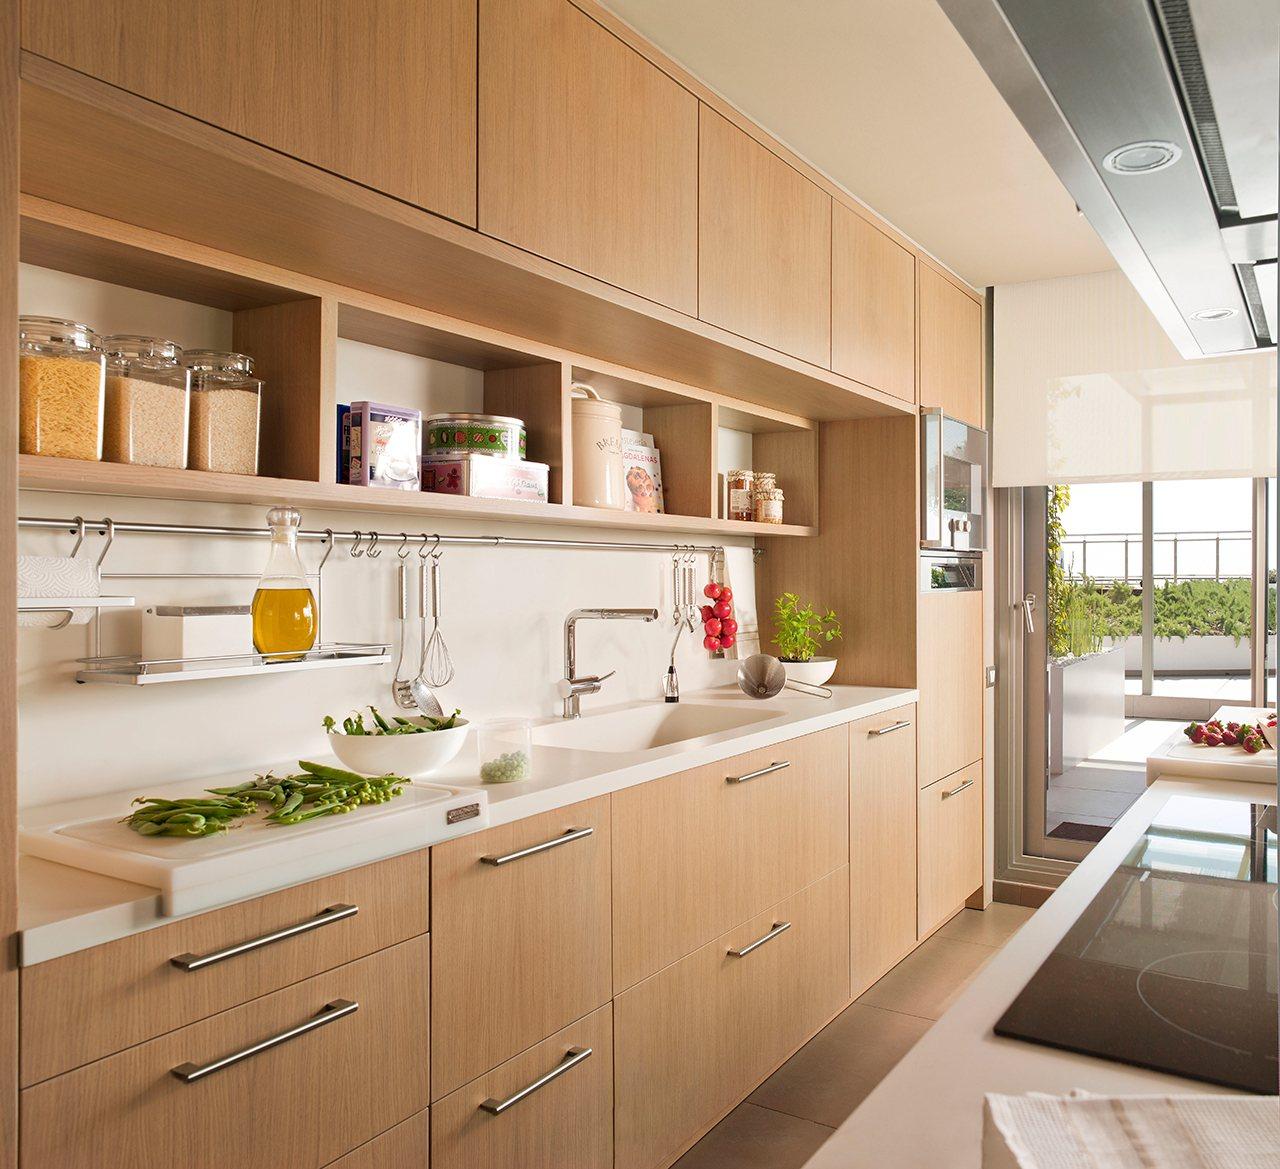 Ideas para aprovechar el espacio en las cocinas peque as for Cocinas sobre diseno